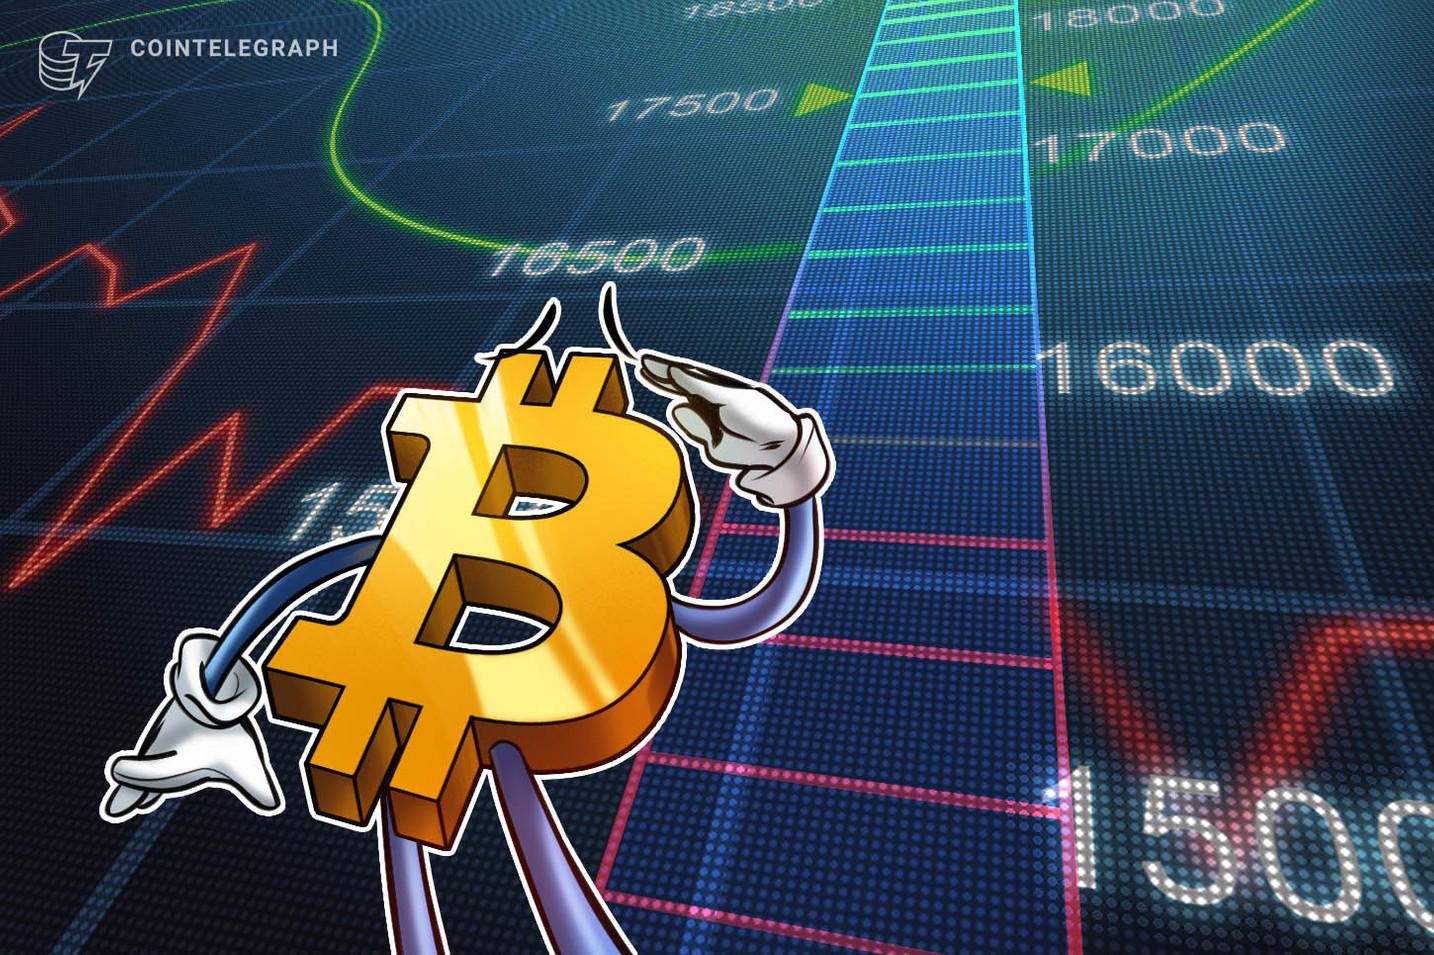 仮想通貨ビットコイン、約3年ぶりに1万6000ドルを突破 | BTCの勢いを支えた3つのファクター